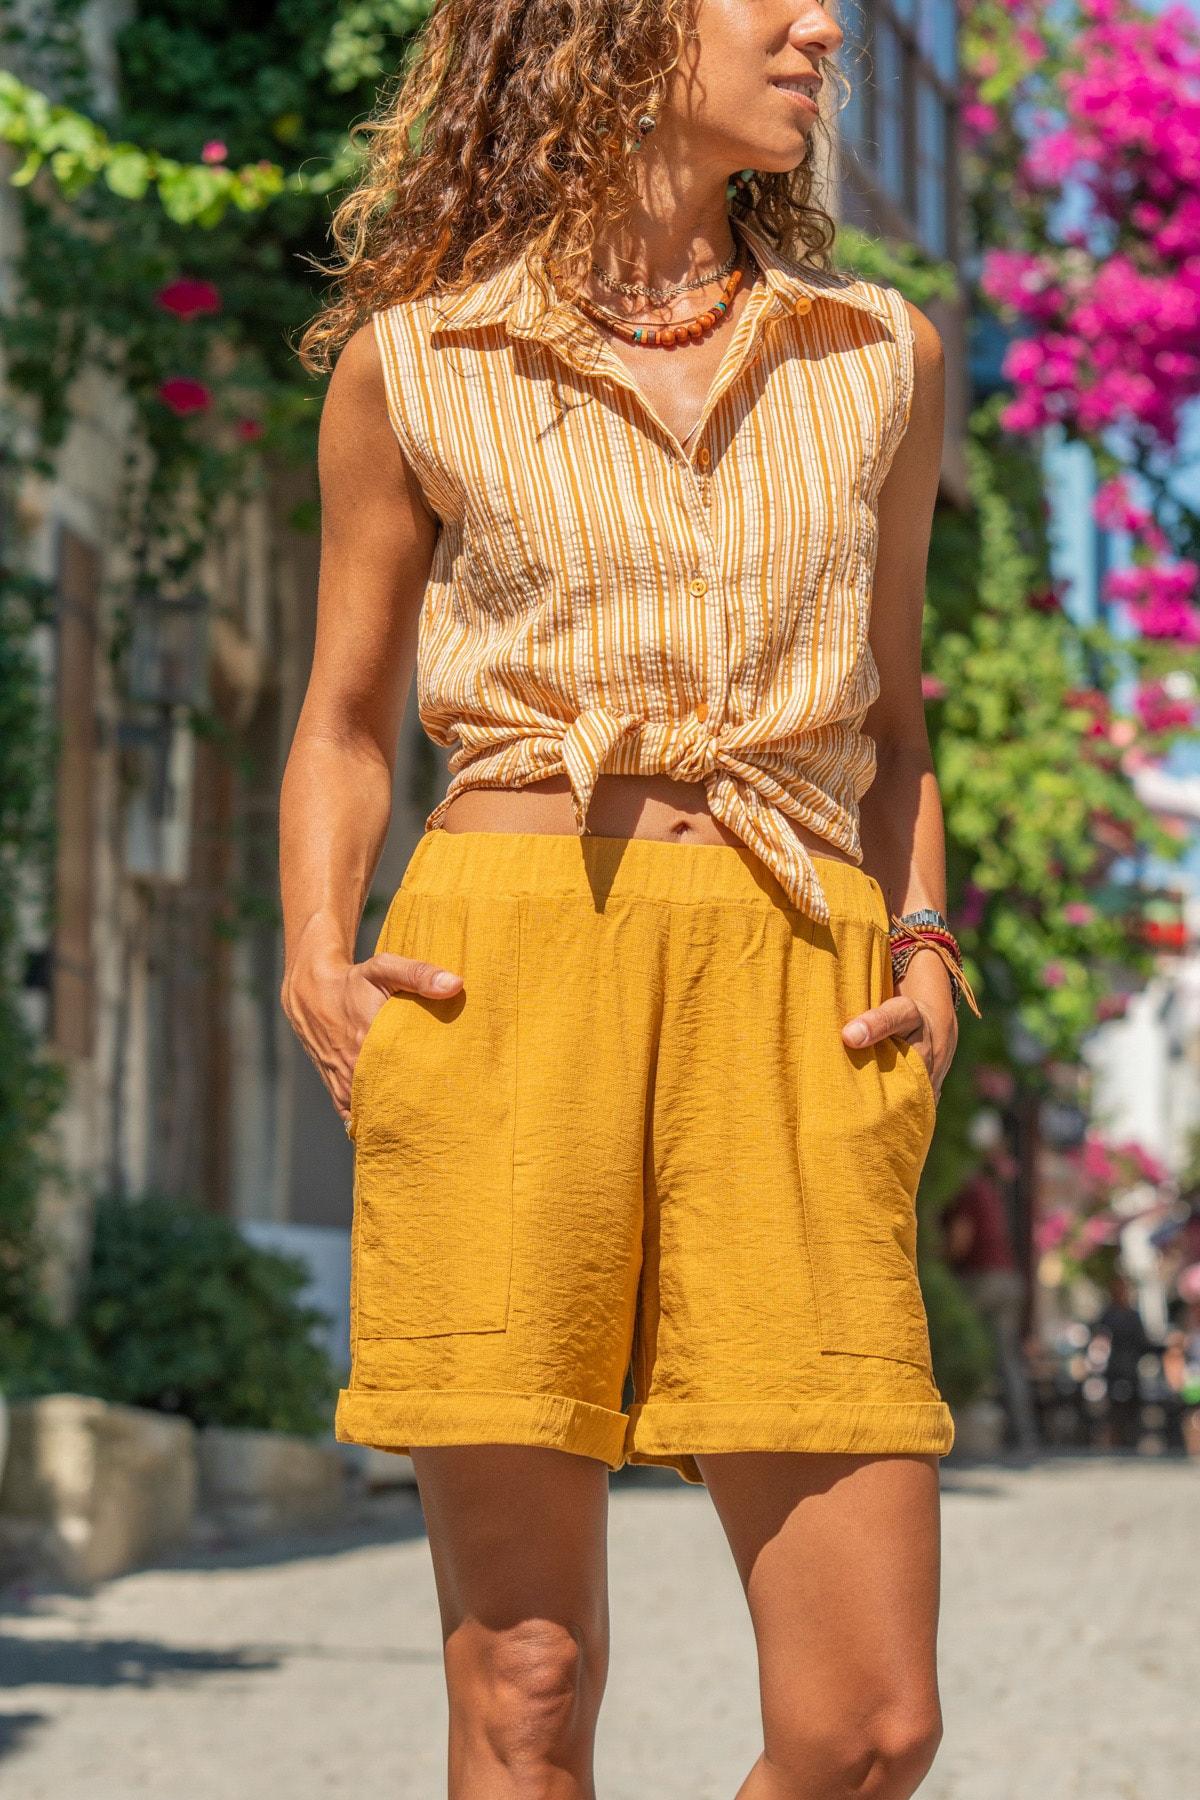 Güneşkızı Kadın Hardal Kolsuz Özel Dokulu Çizgili Gömlek GK-BST2878C